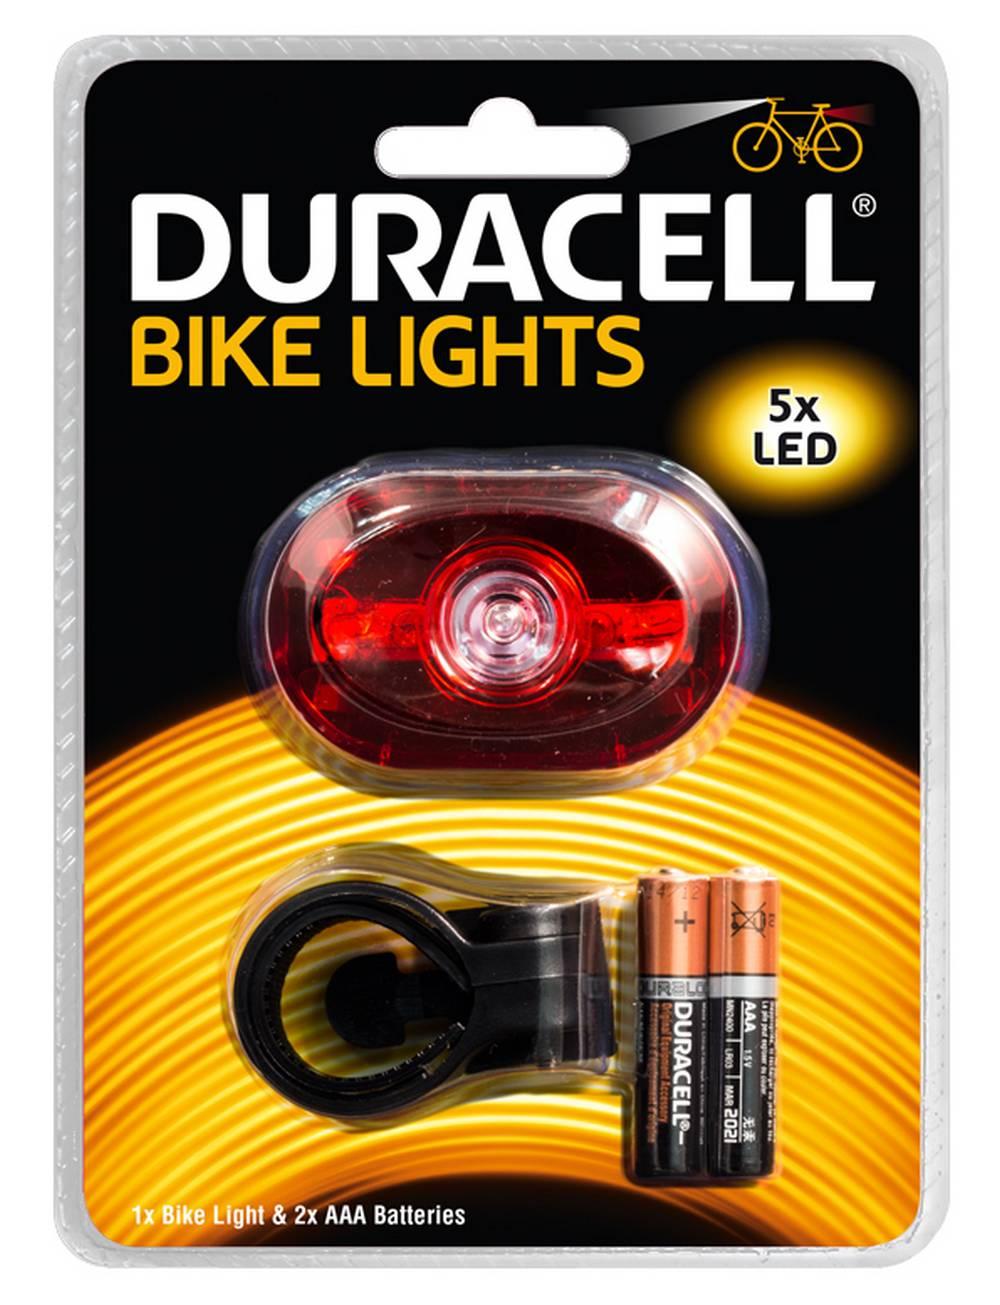 Φακός Ποδηλάτου Duracell 5 Led BIK-B03RDU με Μπαταρίες AAA 2 Τεμ.